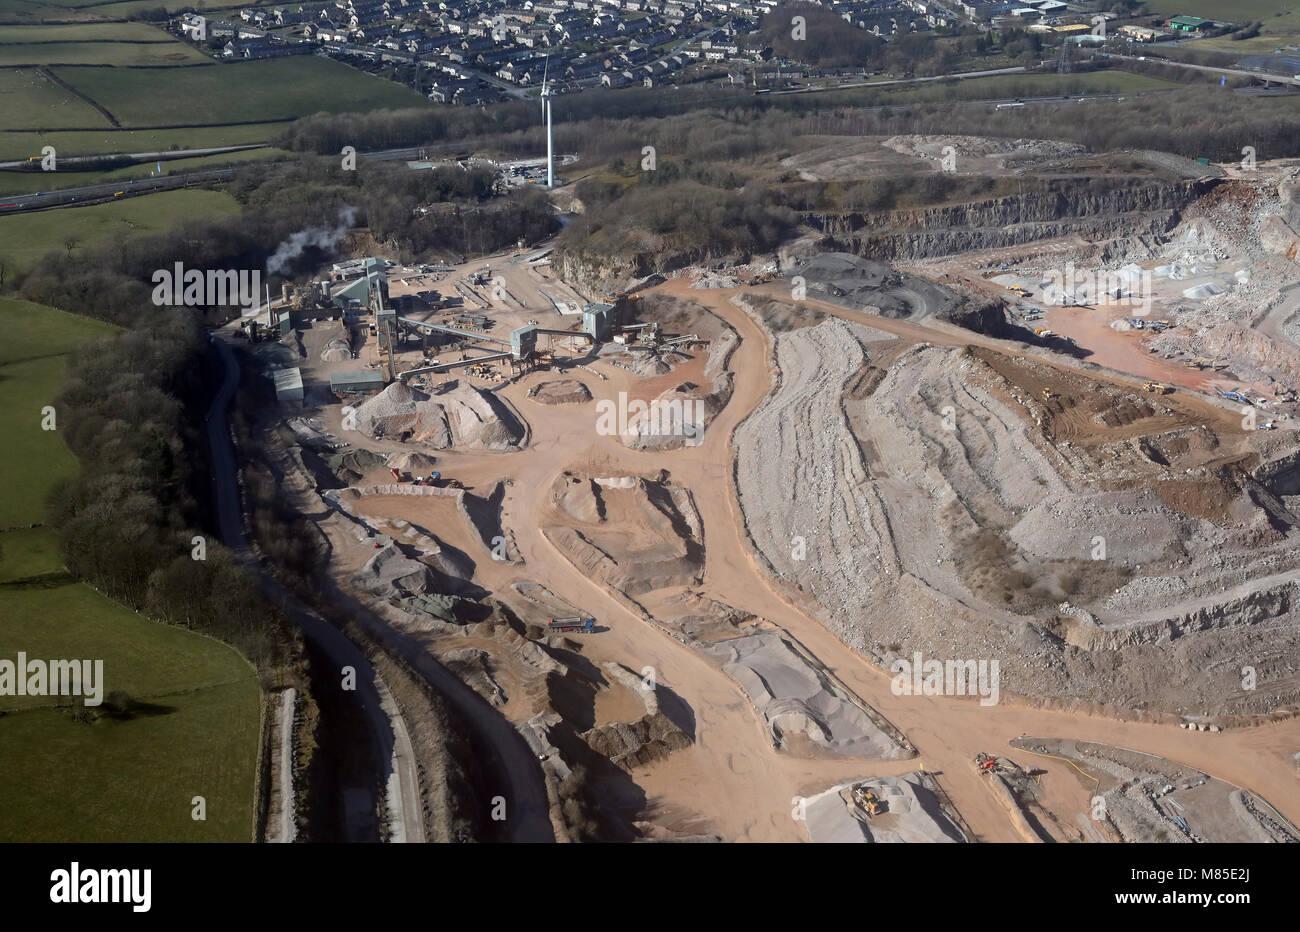 Vista aérea de una cantera de extracción de arena dirigida por Aggregate Industries en Carnforth, Lancashire, Imagen De Stock